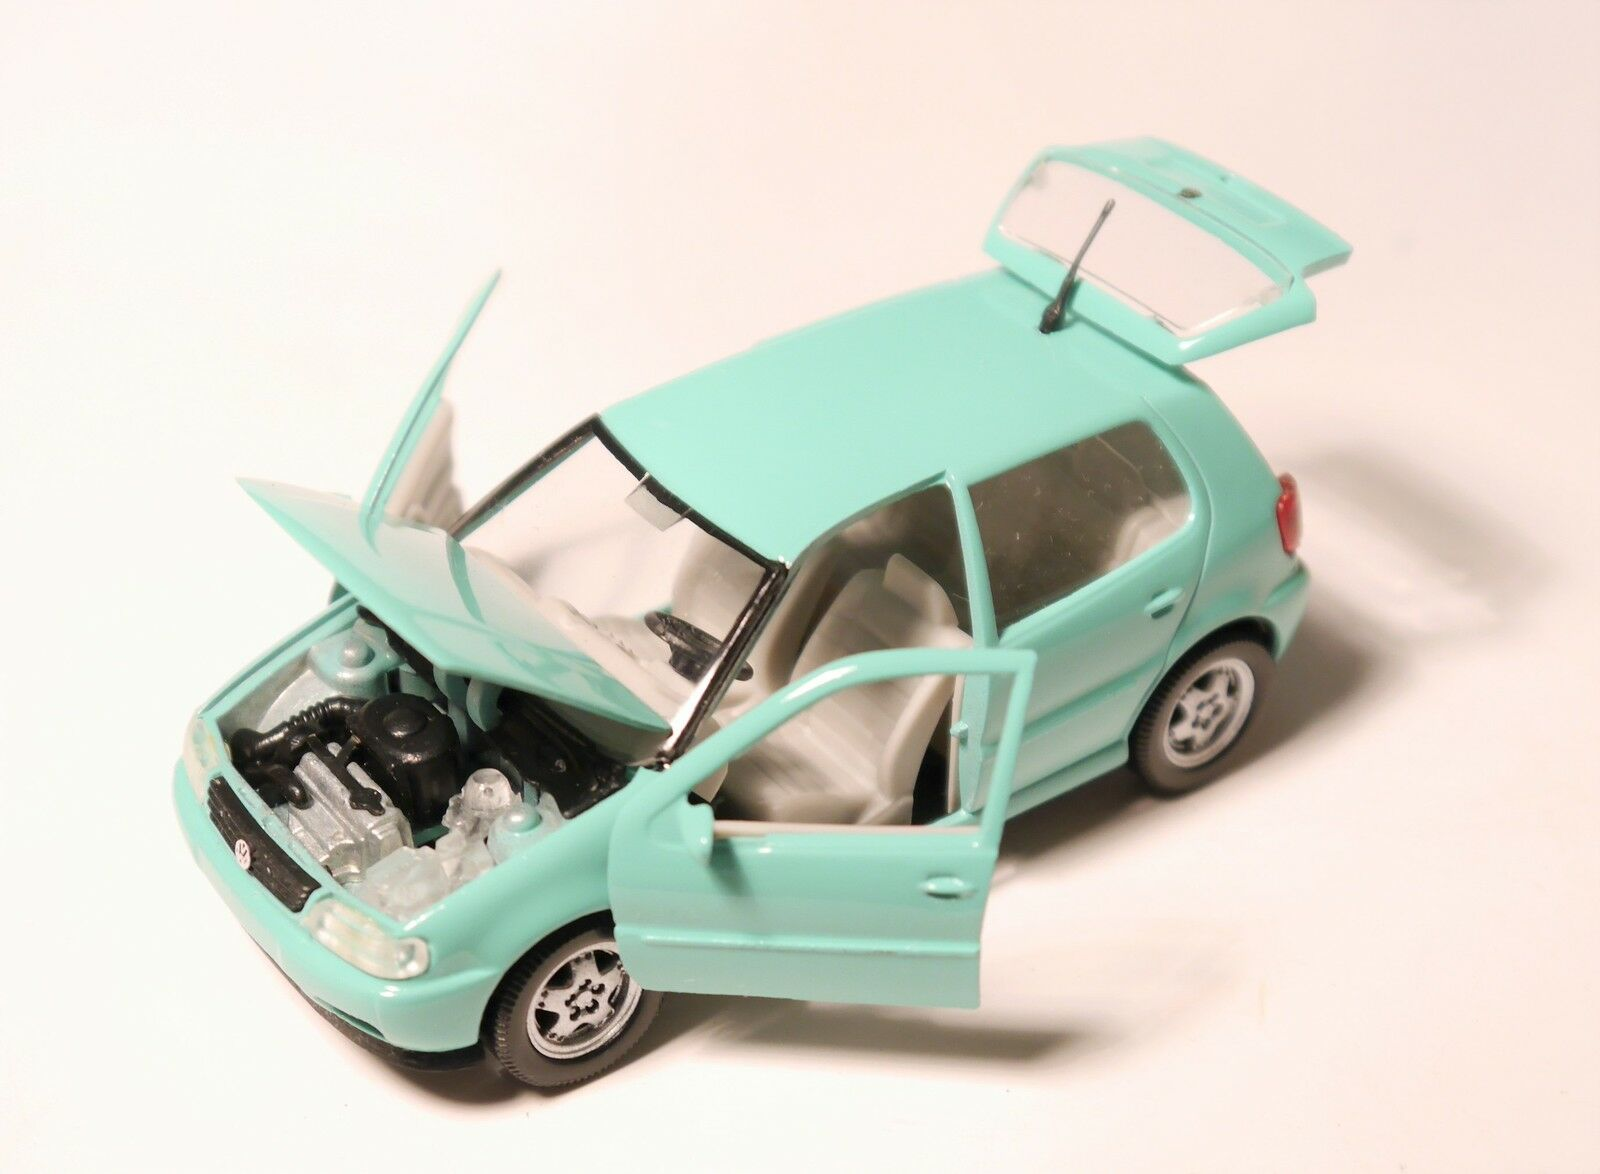 VW Polo Typ Typ Typ 6N 5türer 5doors in minz green mint green, Schabak 1 43 DEALER boxed  23232a